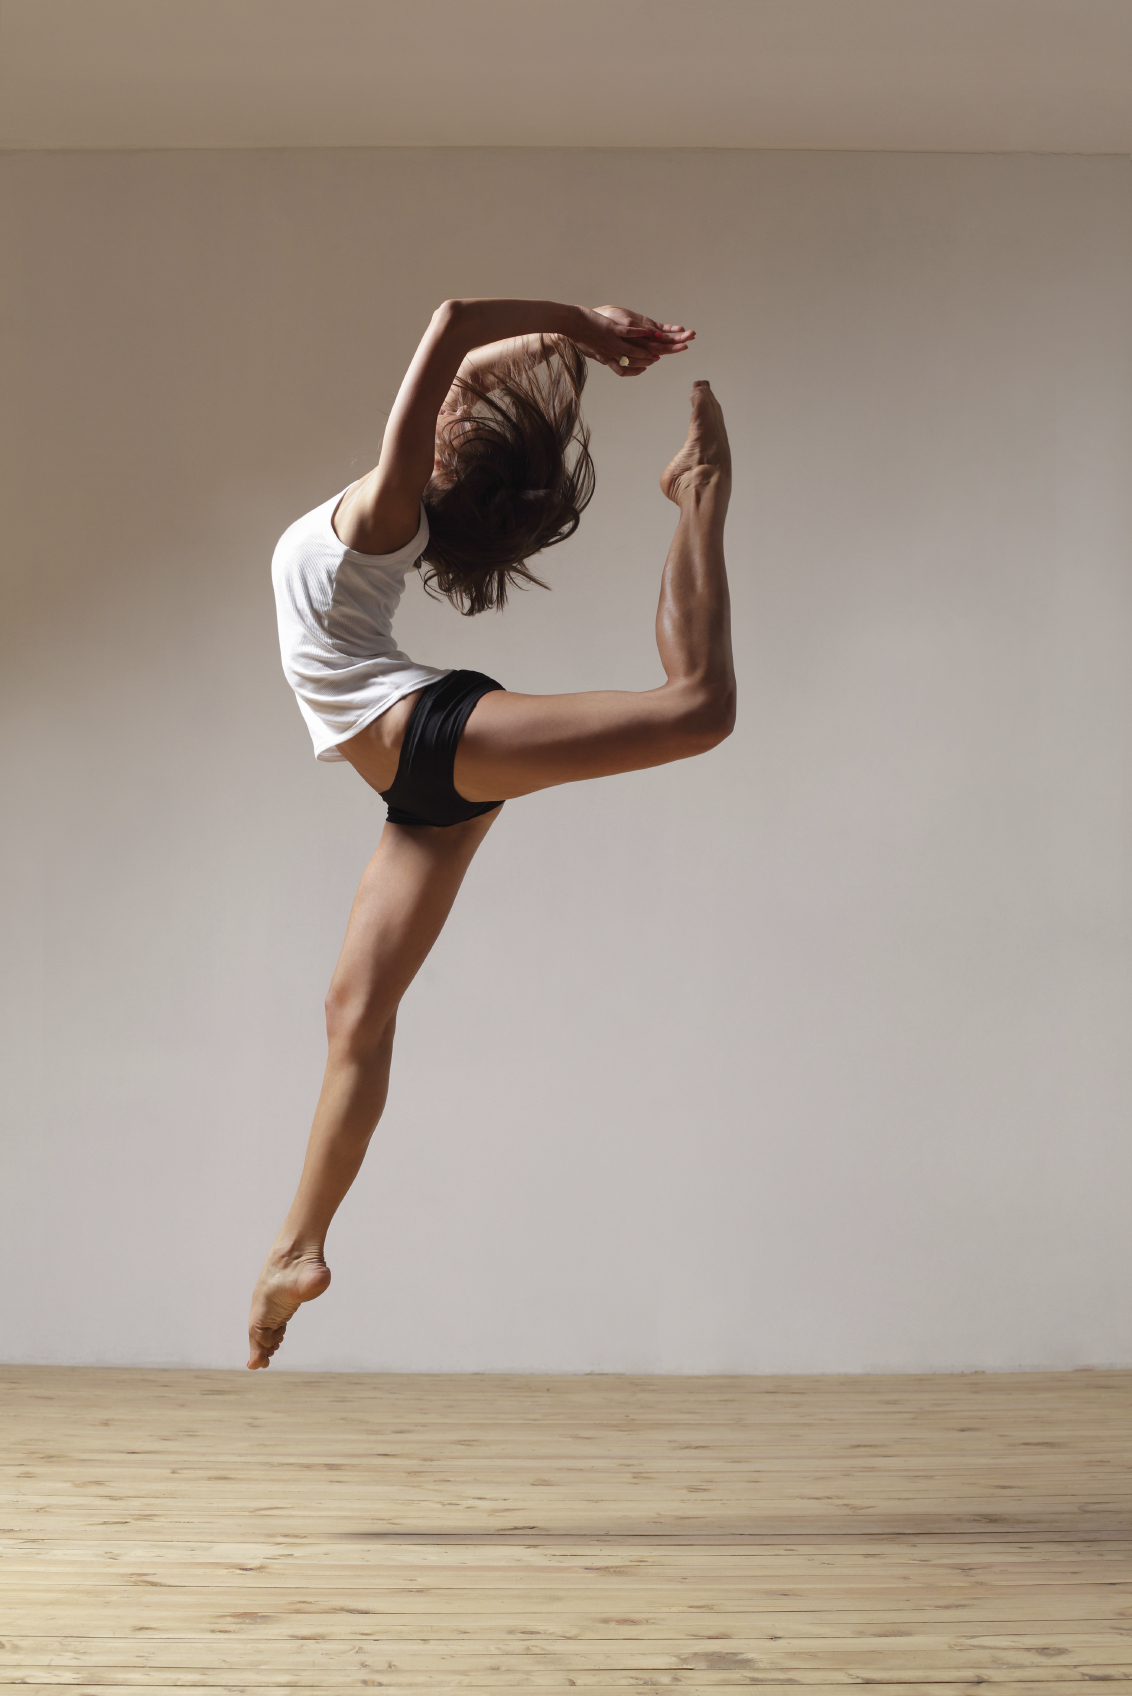 Фото девушки во время танца 10 фотография